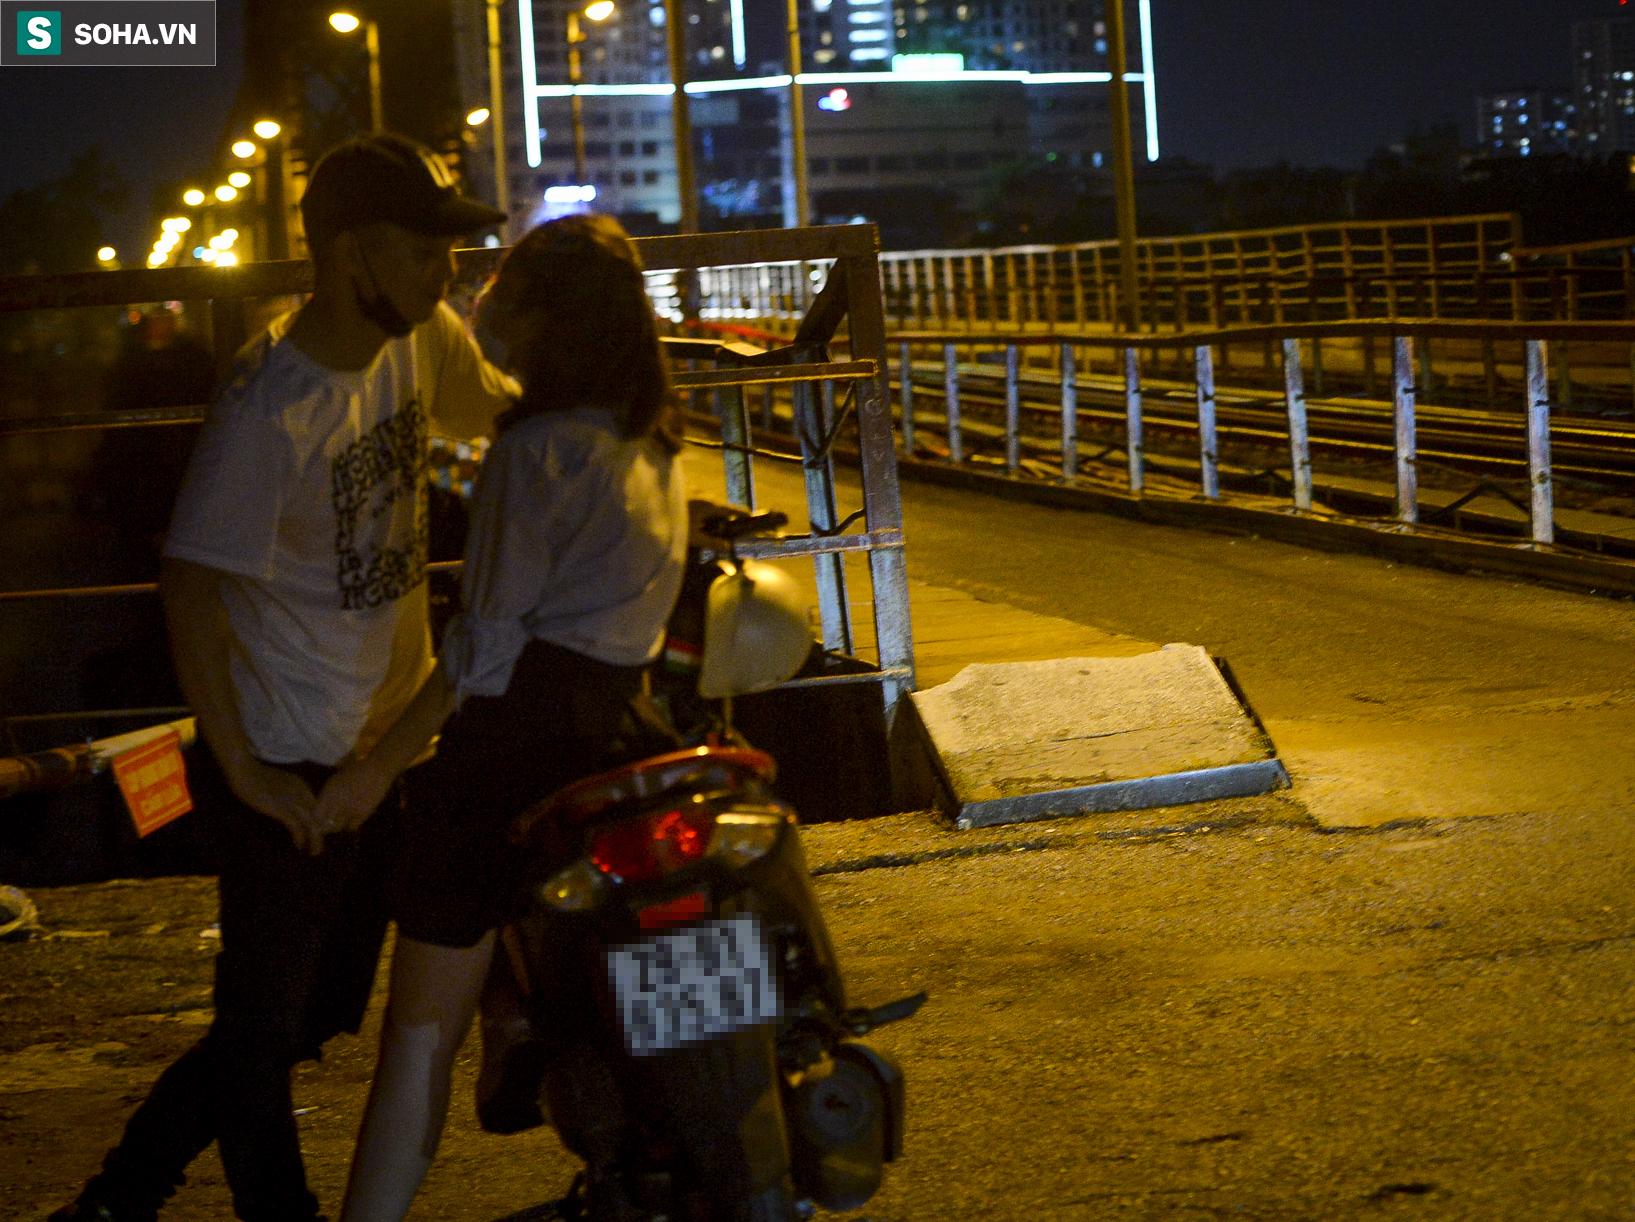 Hà Nội: Nam thanh nữ tú thản nhiên lên cầu Long Biên tâm sự, chụp ảnh, hóng mát bất chấp giãn cách xã hội - Ảnh 12.